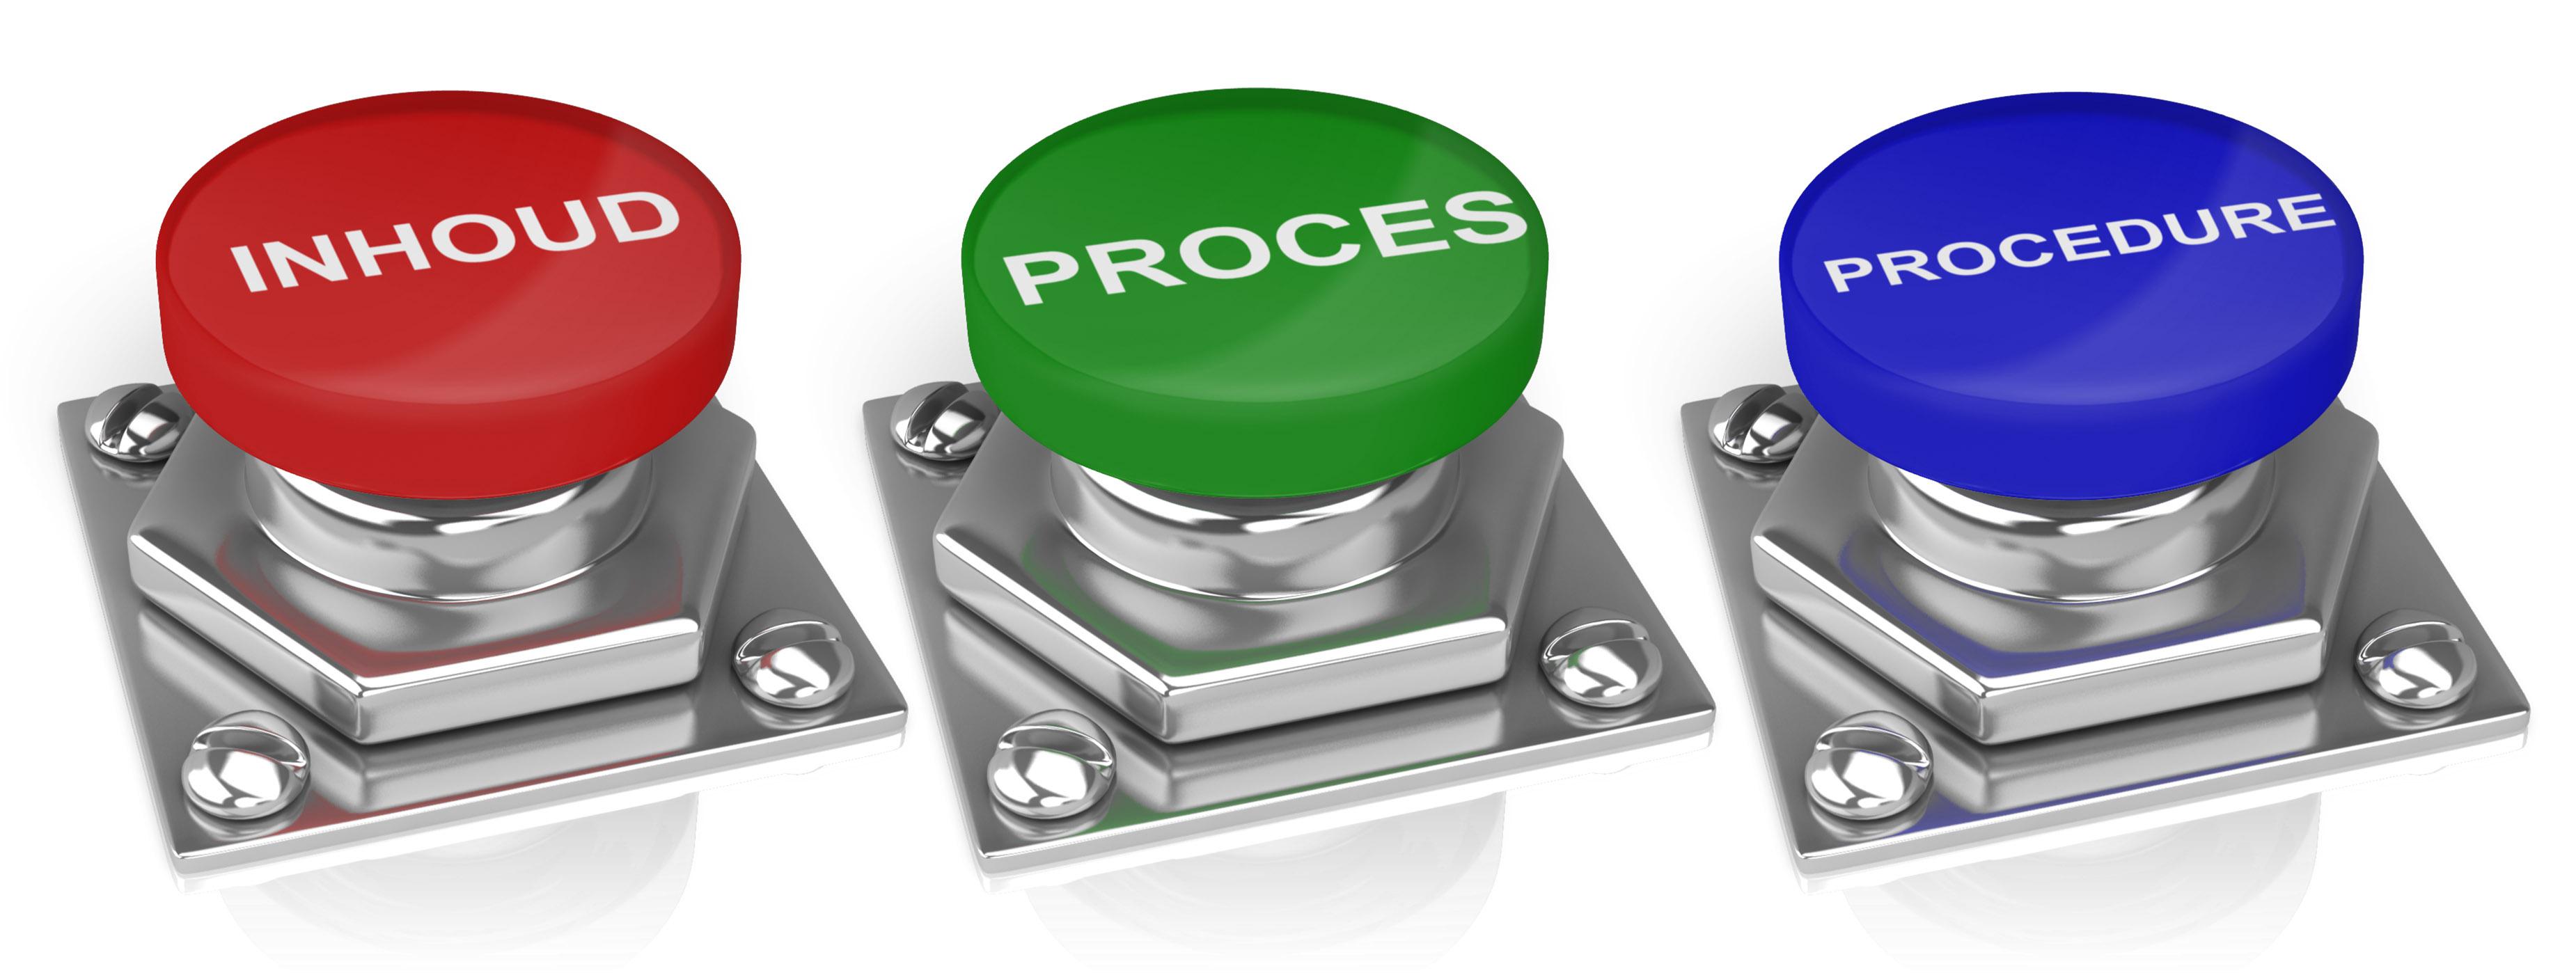 inhoud-proces-procdure